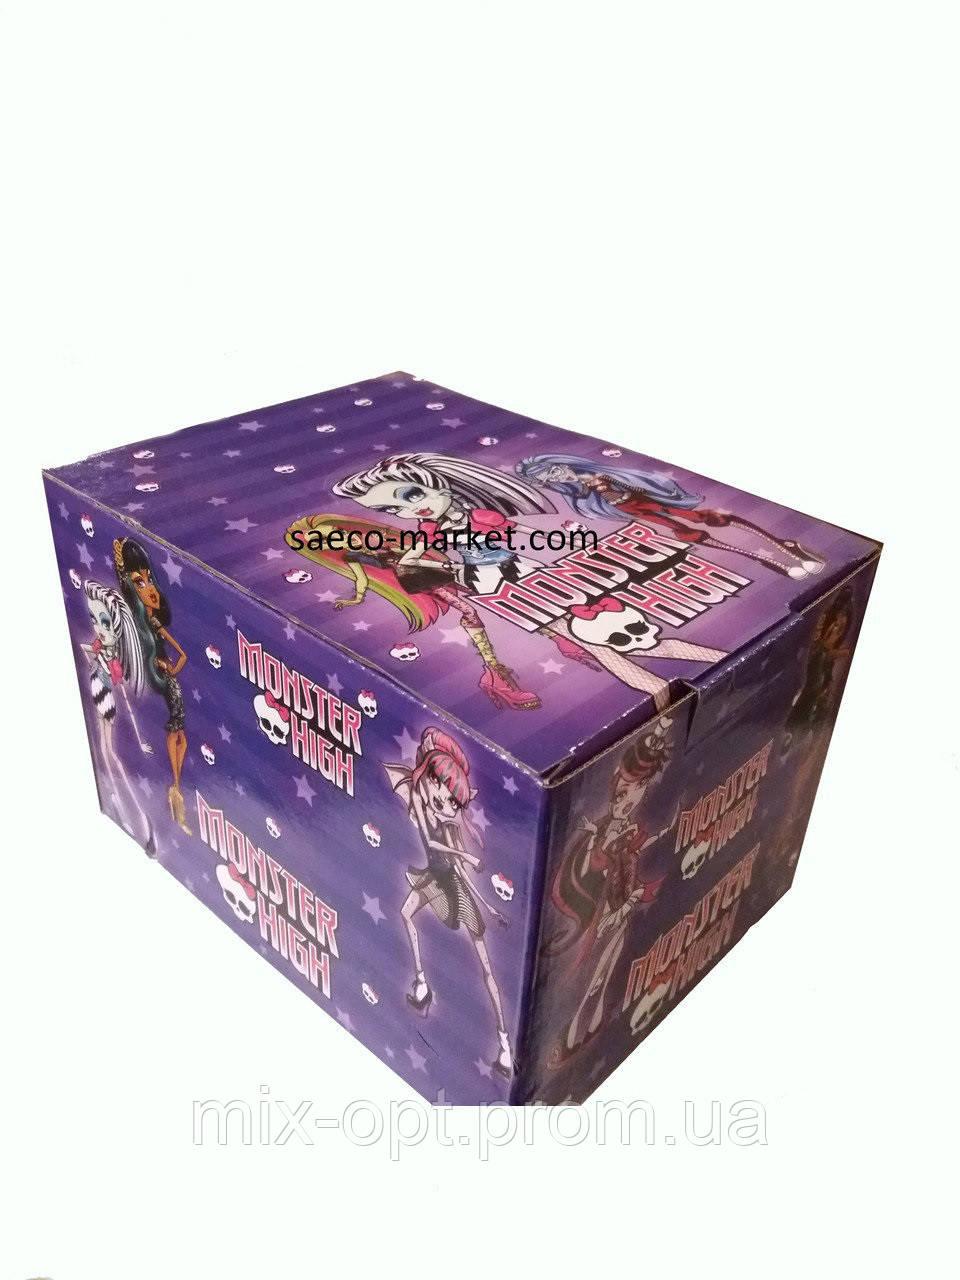 Шоколадное яйцо Monster High 25 г 24 шт (ANL)